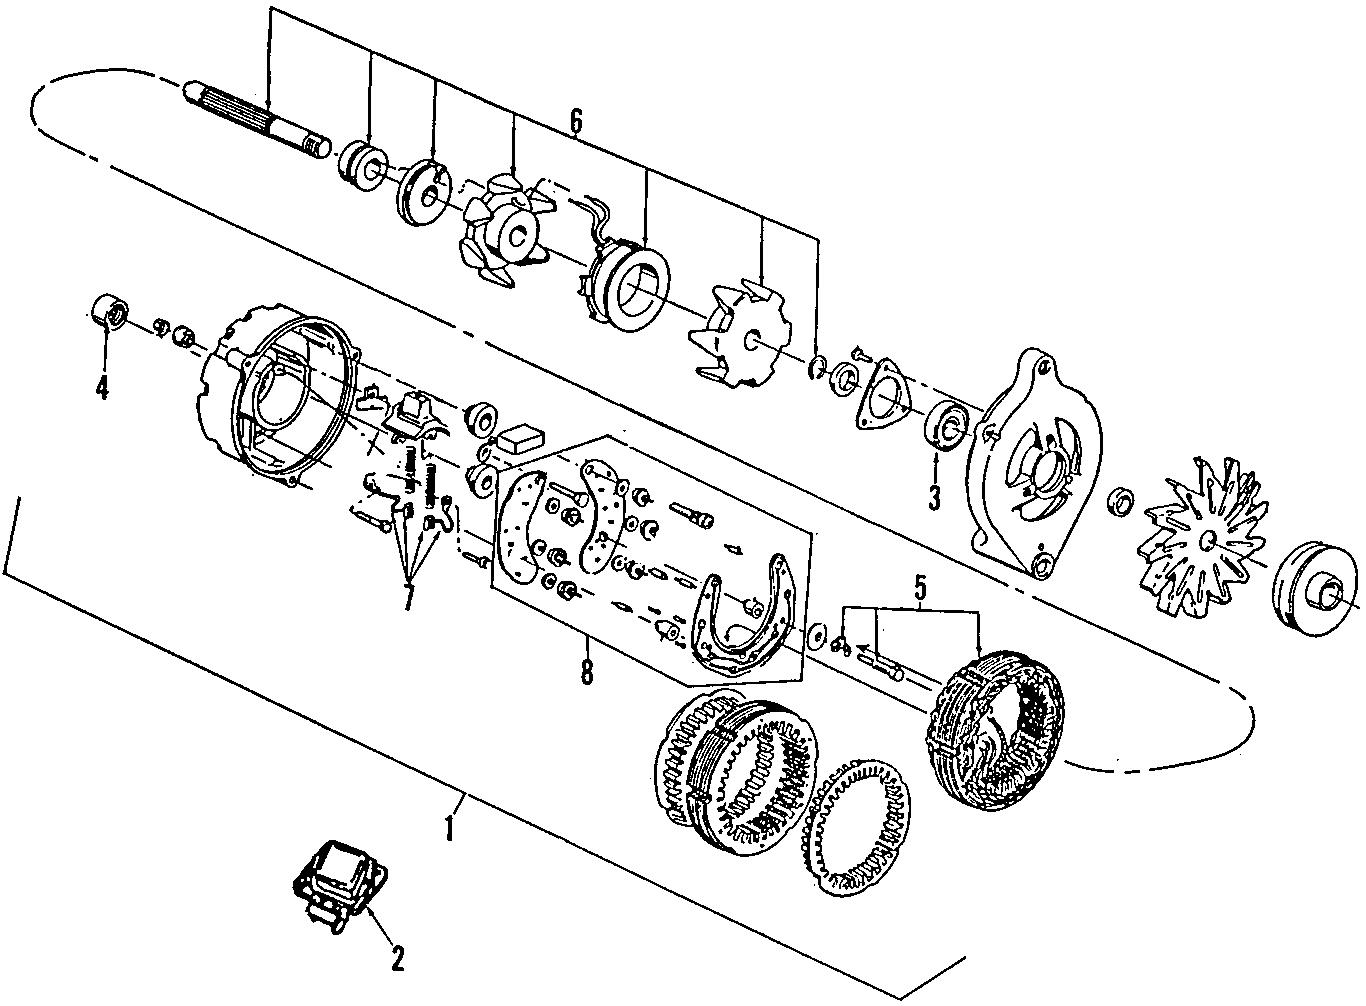 Ford Alternator Assembly Amp Regulator Liter